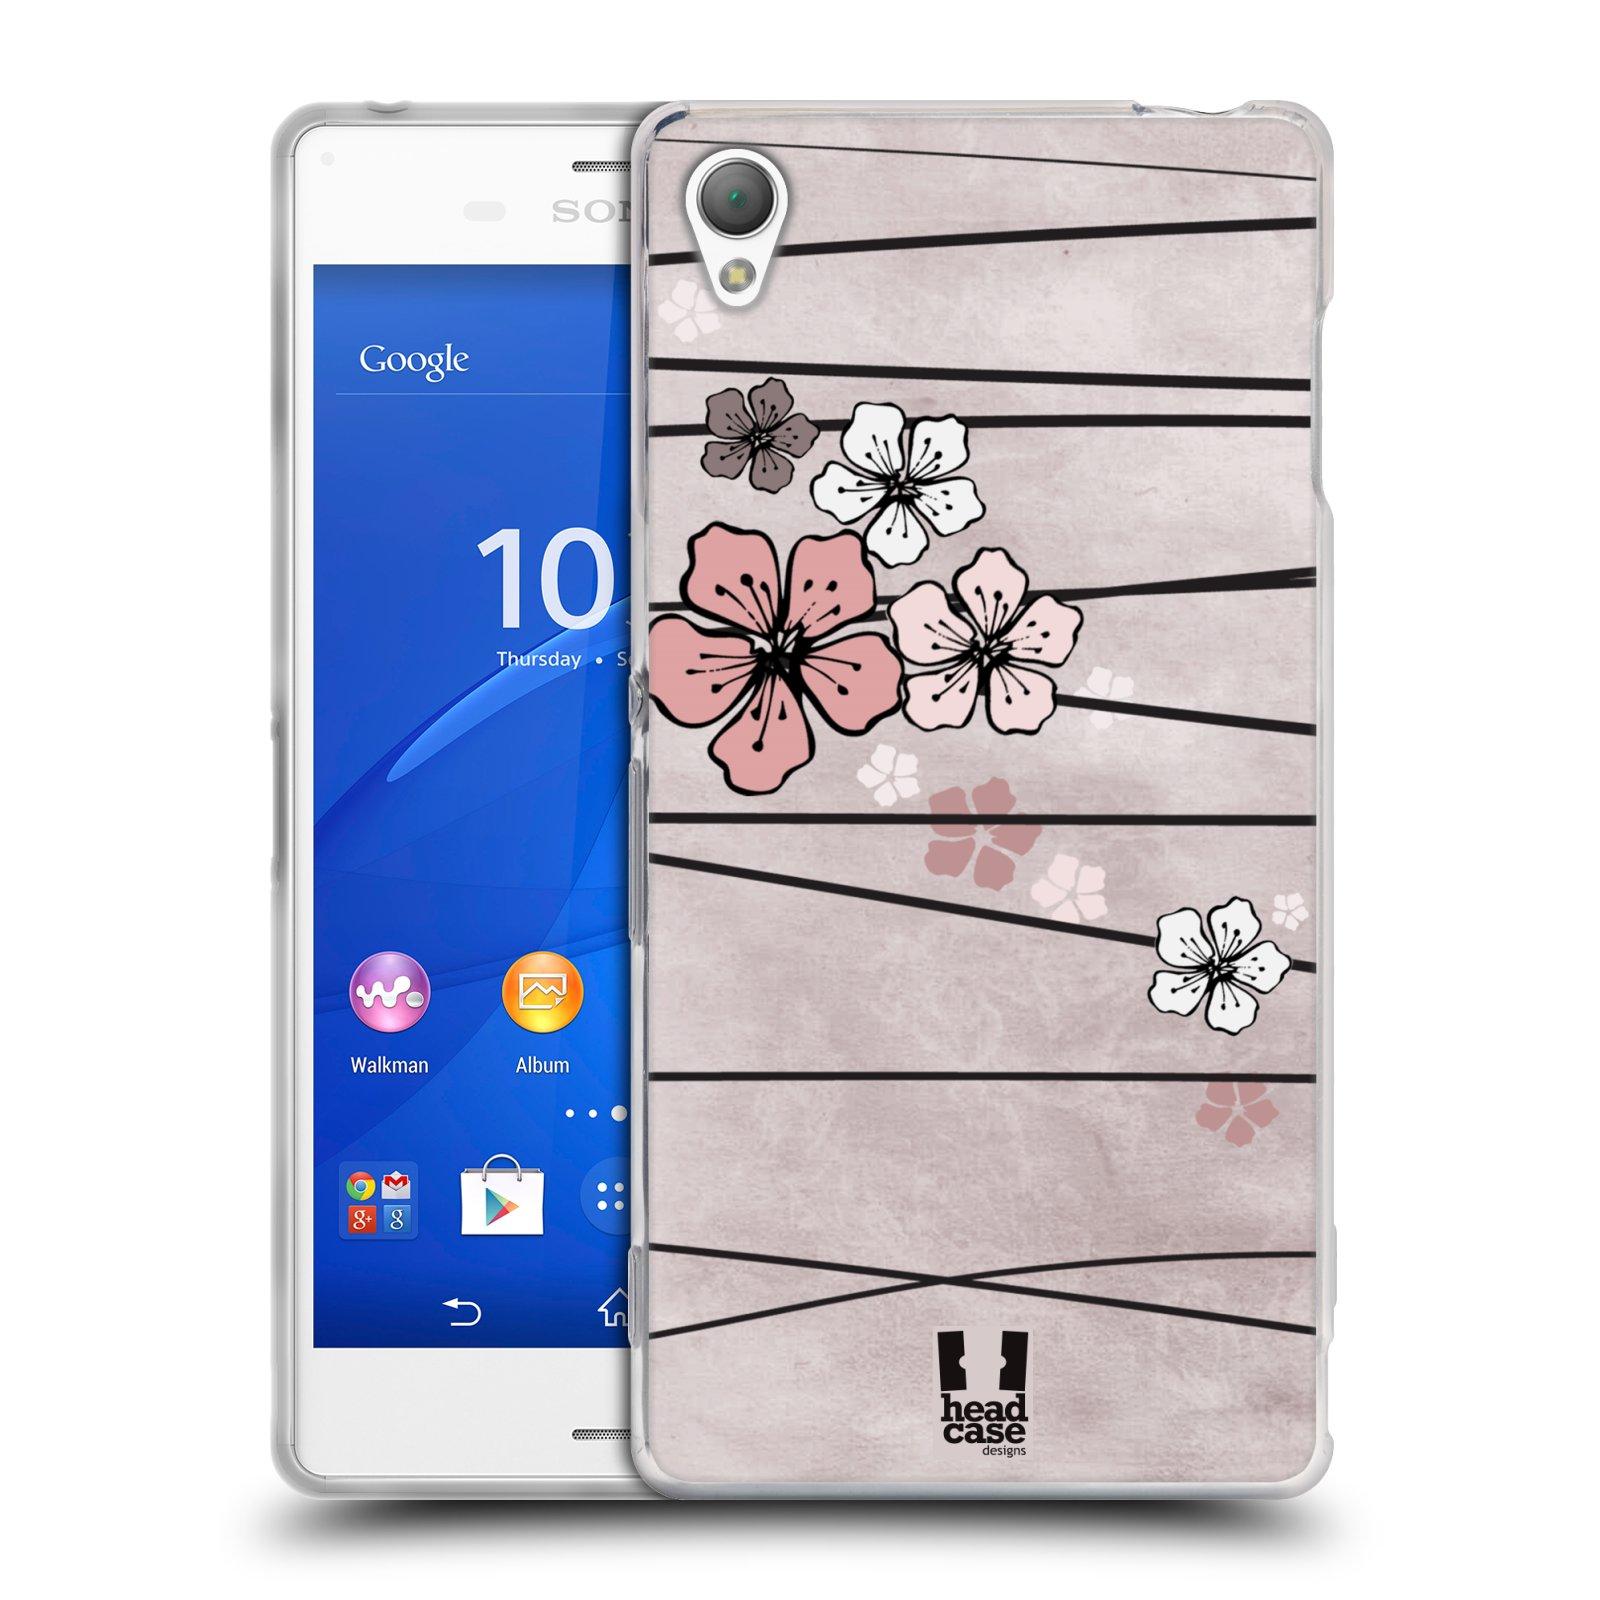 Silikonové pouzdro na mobil Sony Xperia Z3 D6603 HEAD CASE BLOSSOMS PAPER